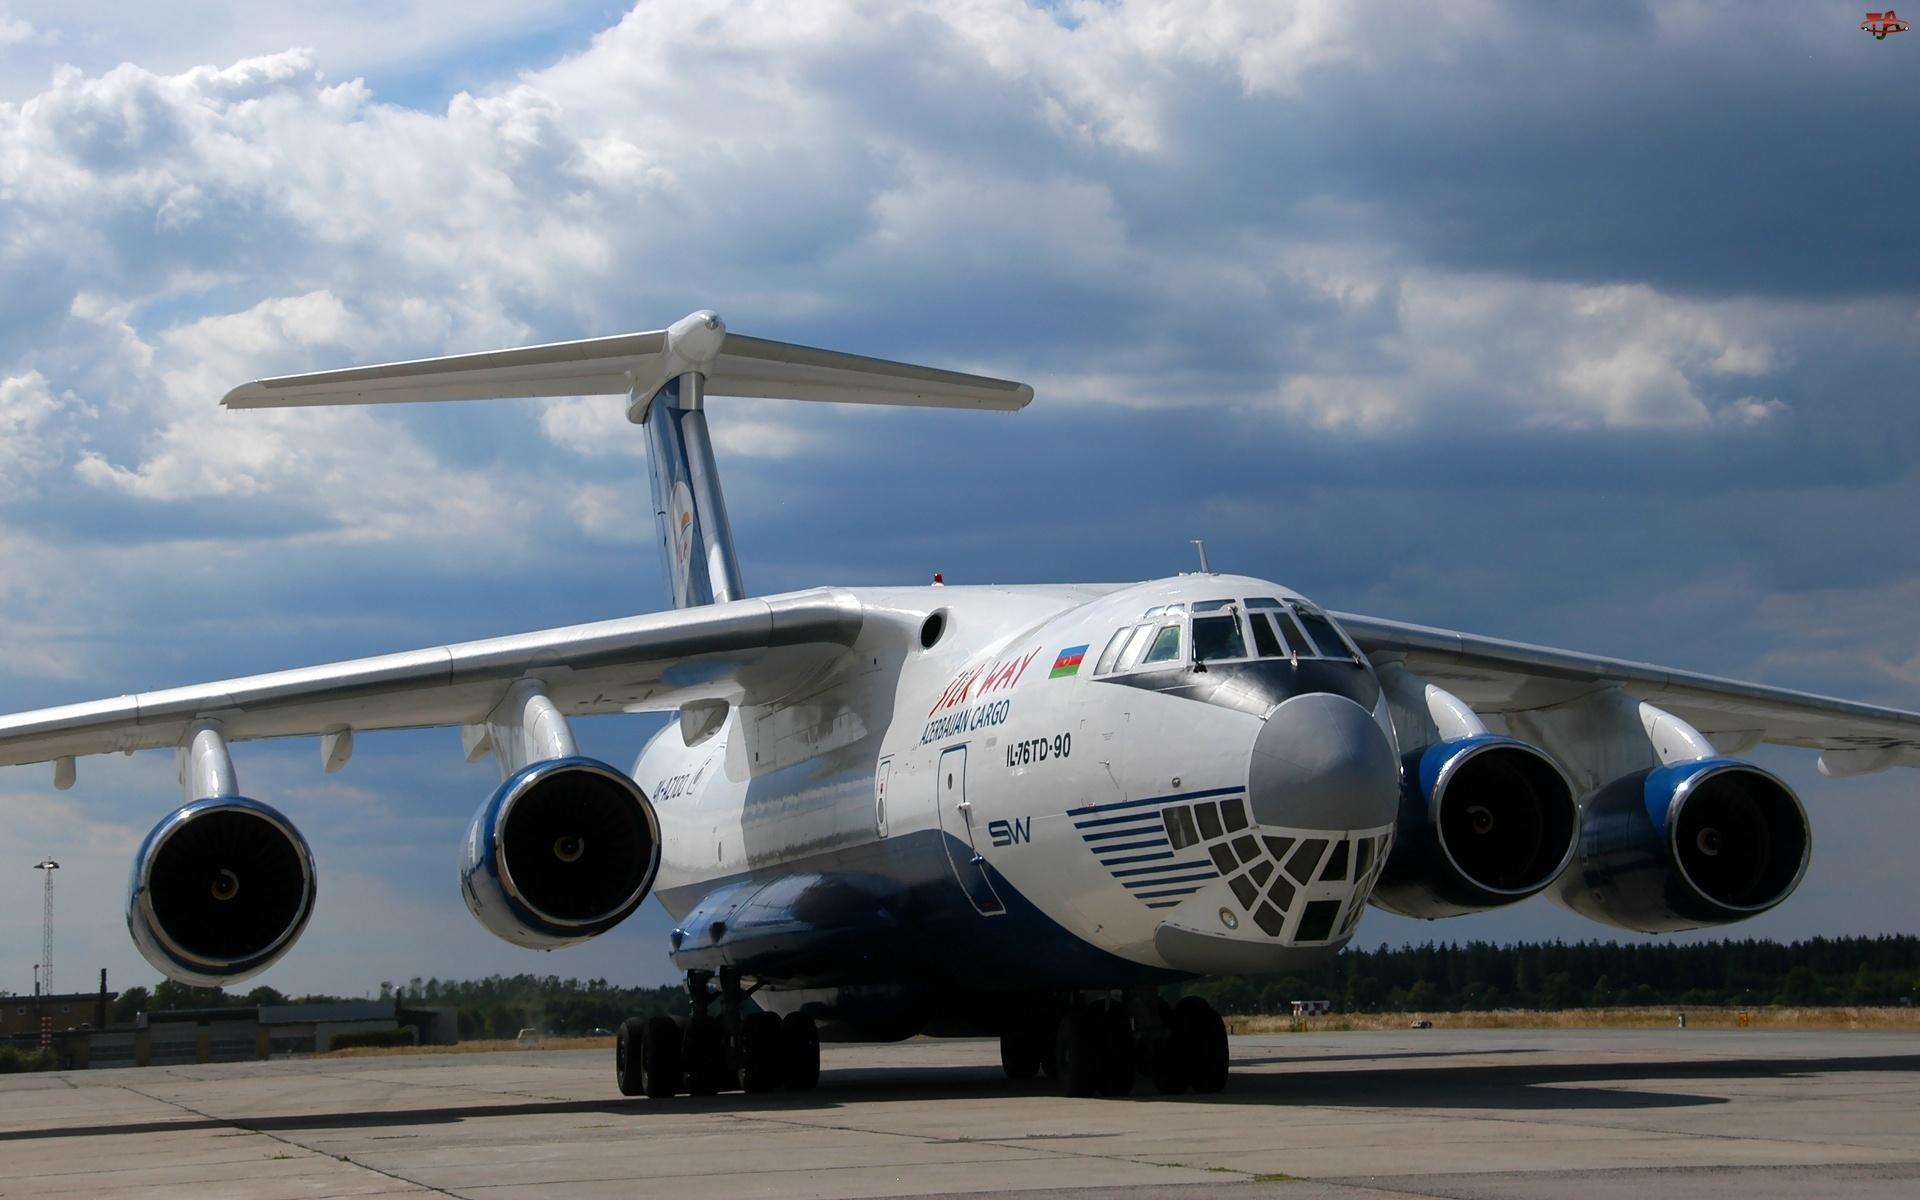 Cargo, Iliuszyn, Ił-76